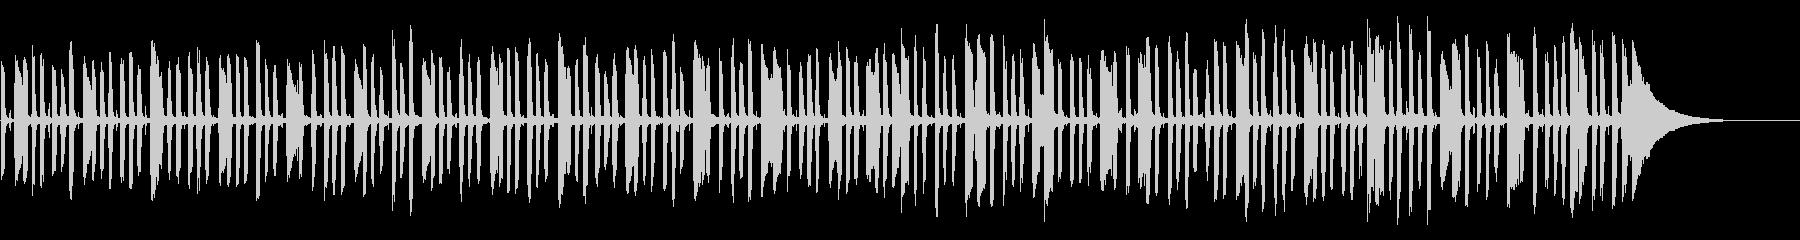 ギター生演奏ジャズ&ブルースほのぼの日常の未再生の波形